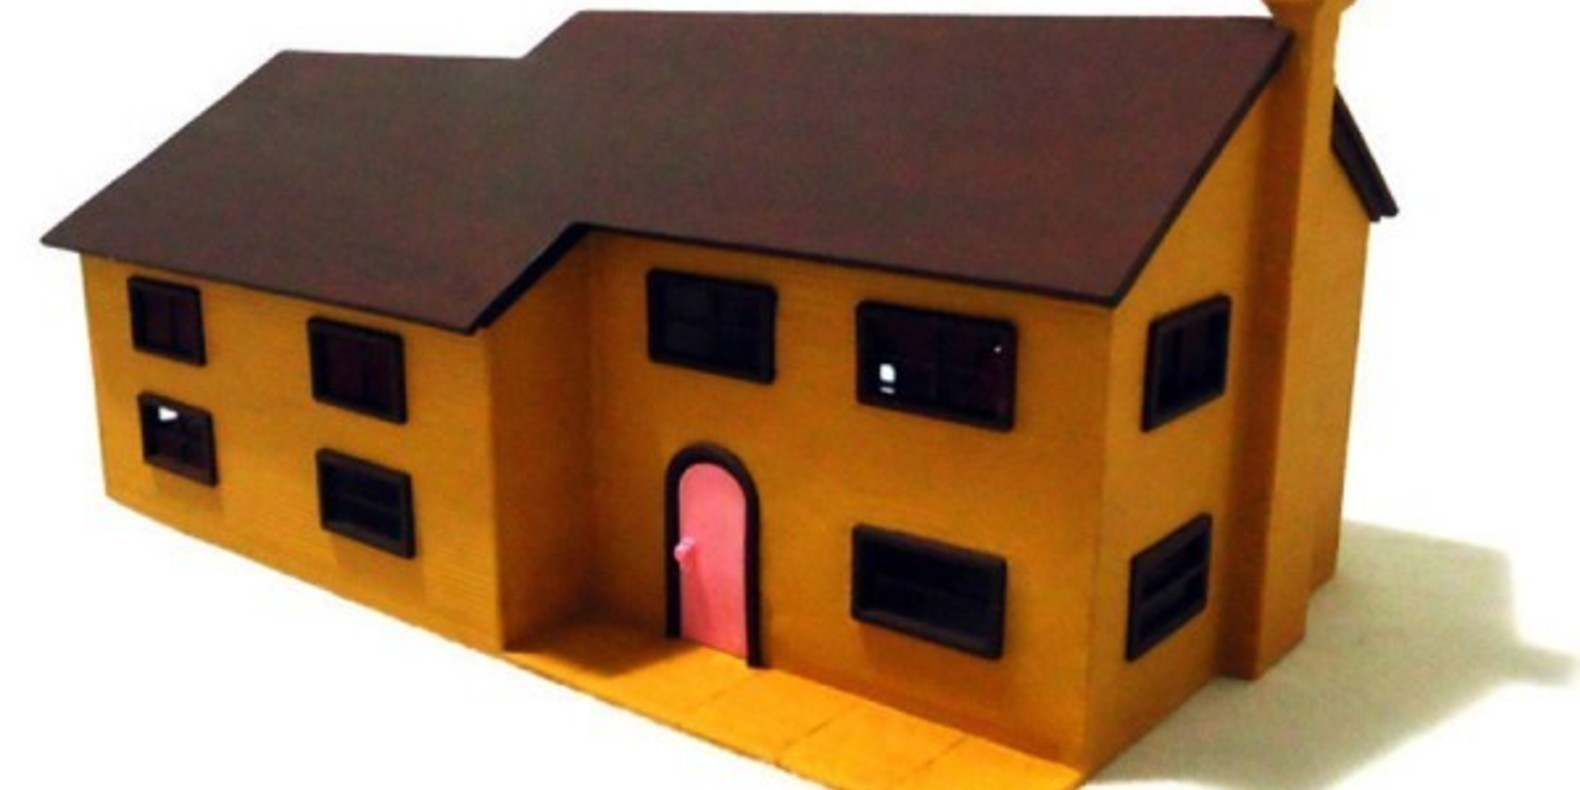 3D Printed Simpson House Cults 5 maison des Simpson